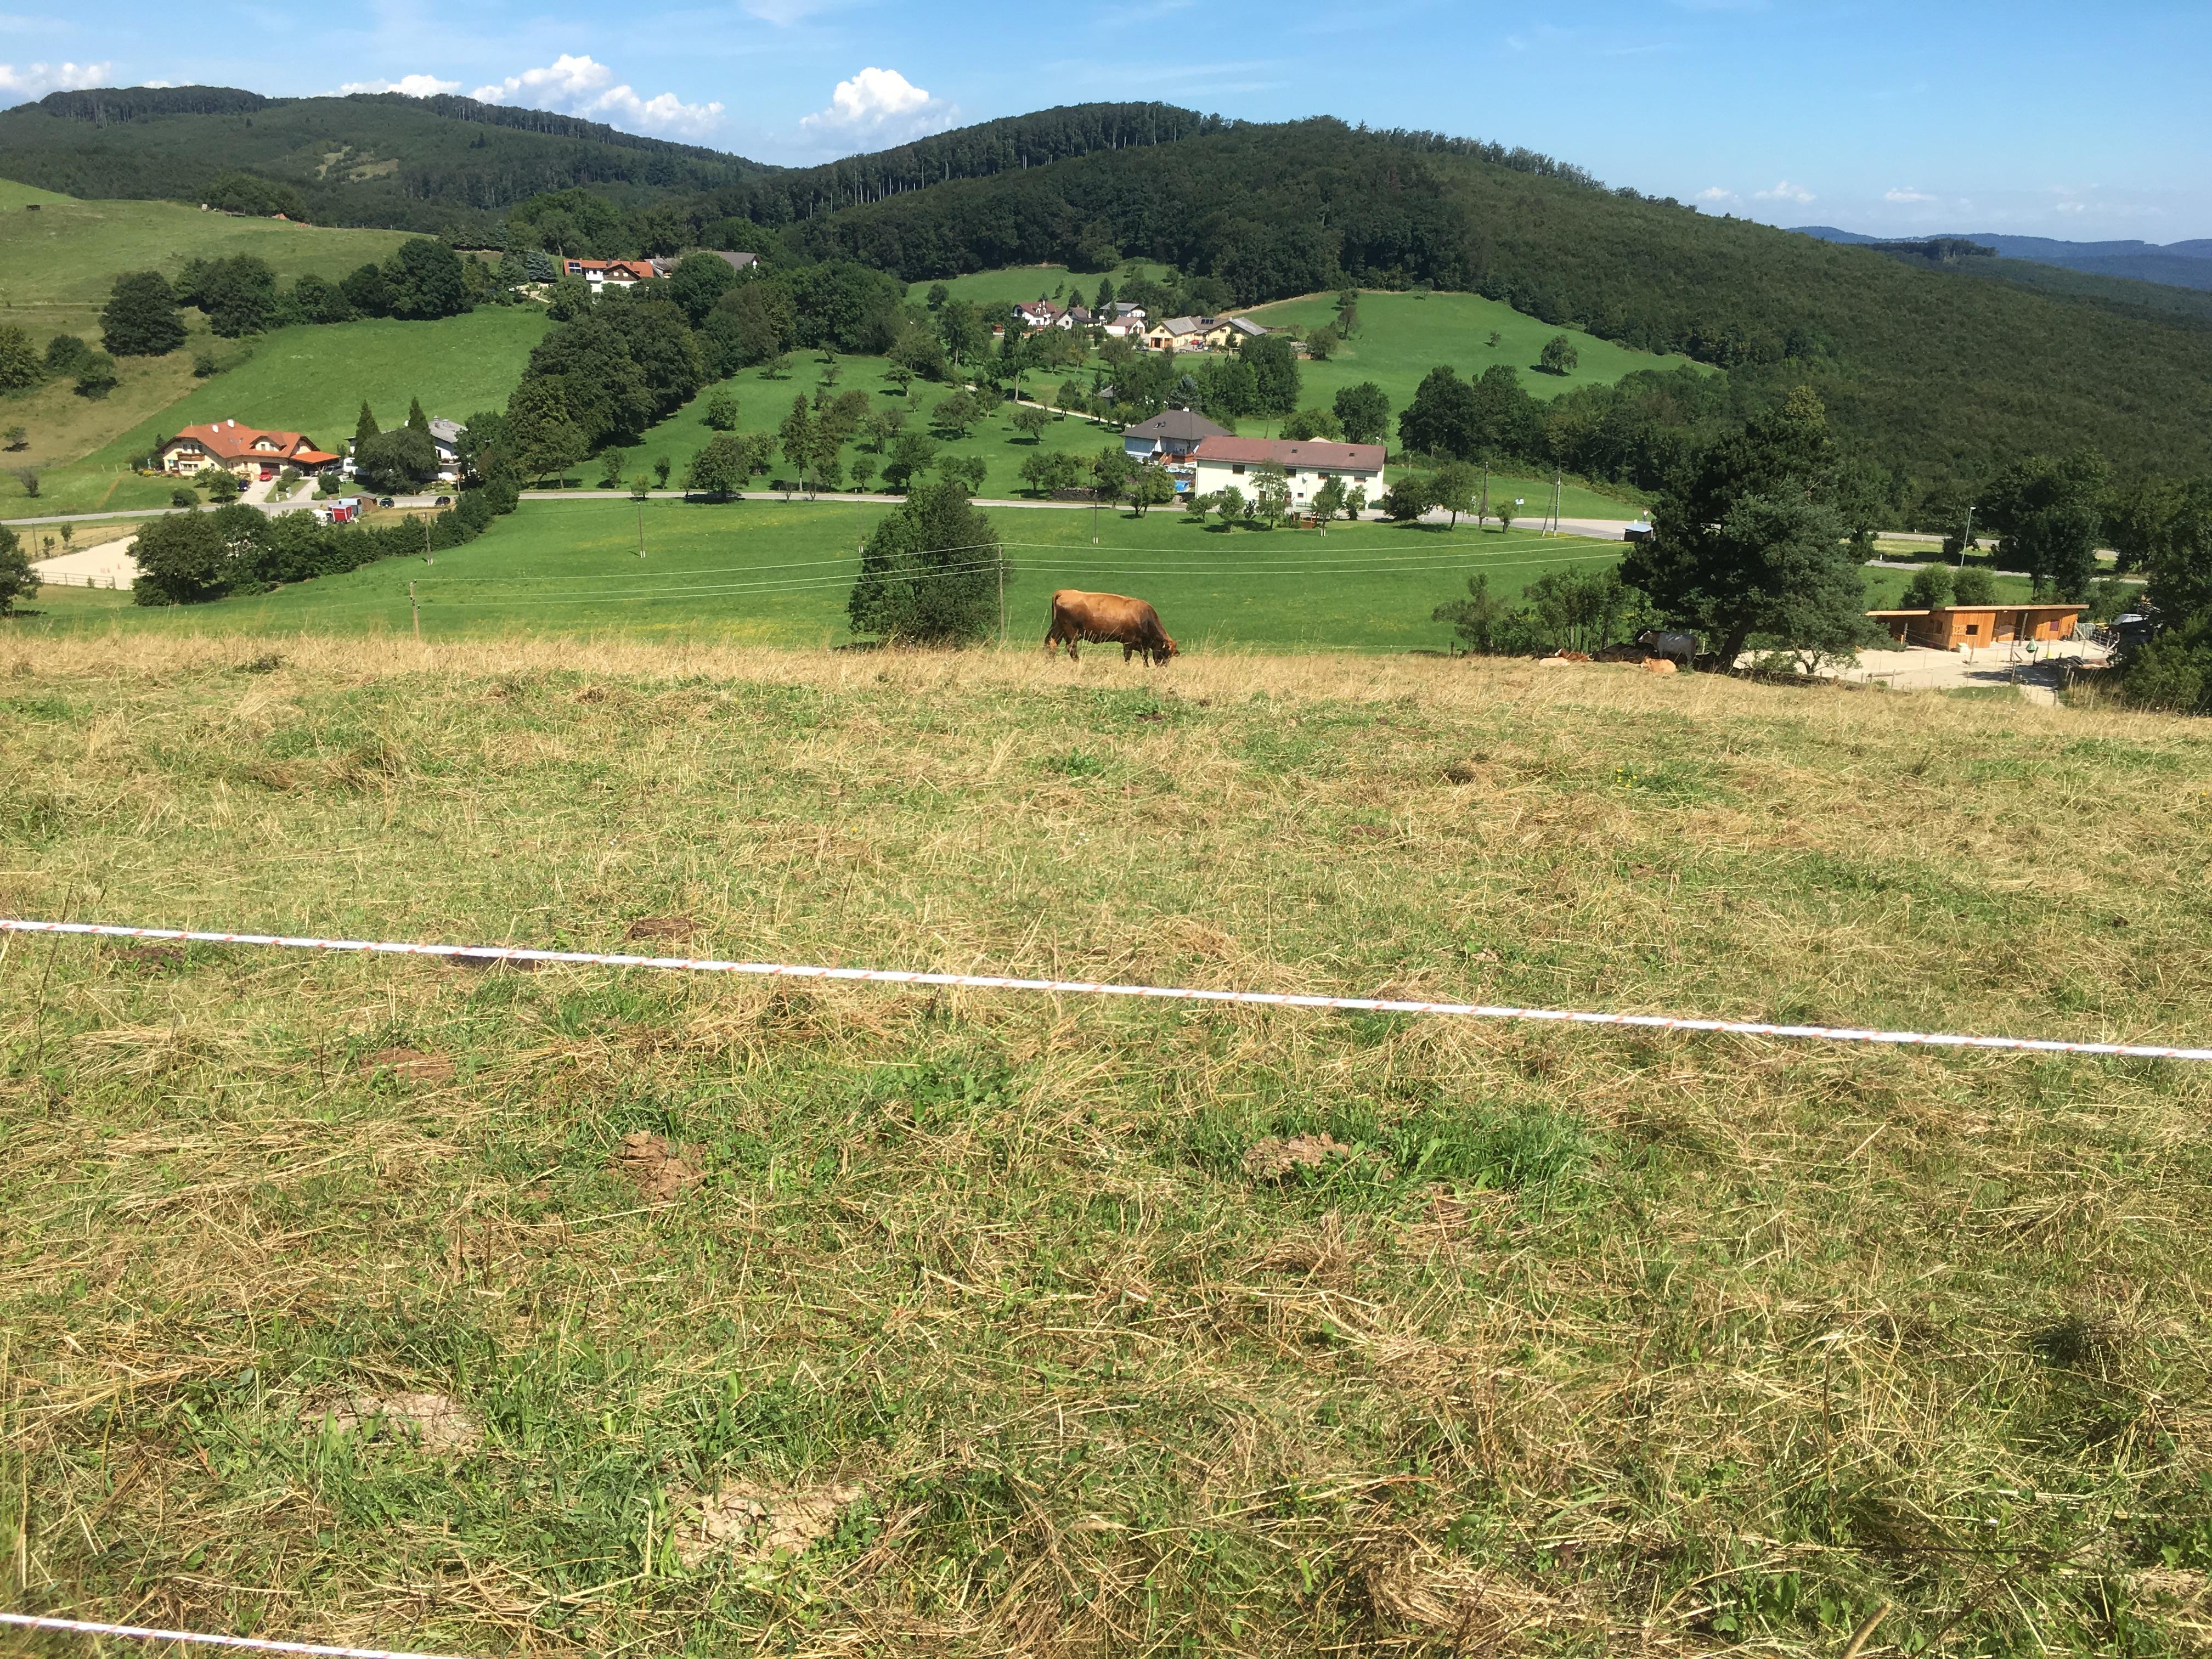 Ich wusste nicht das Pferde wie Kühe aussehen und am Westhang sind :)